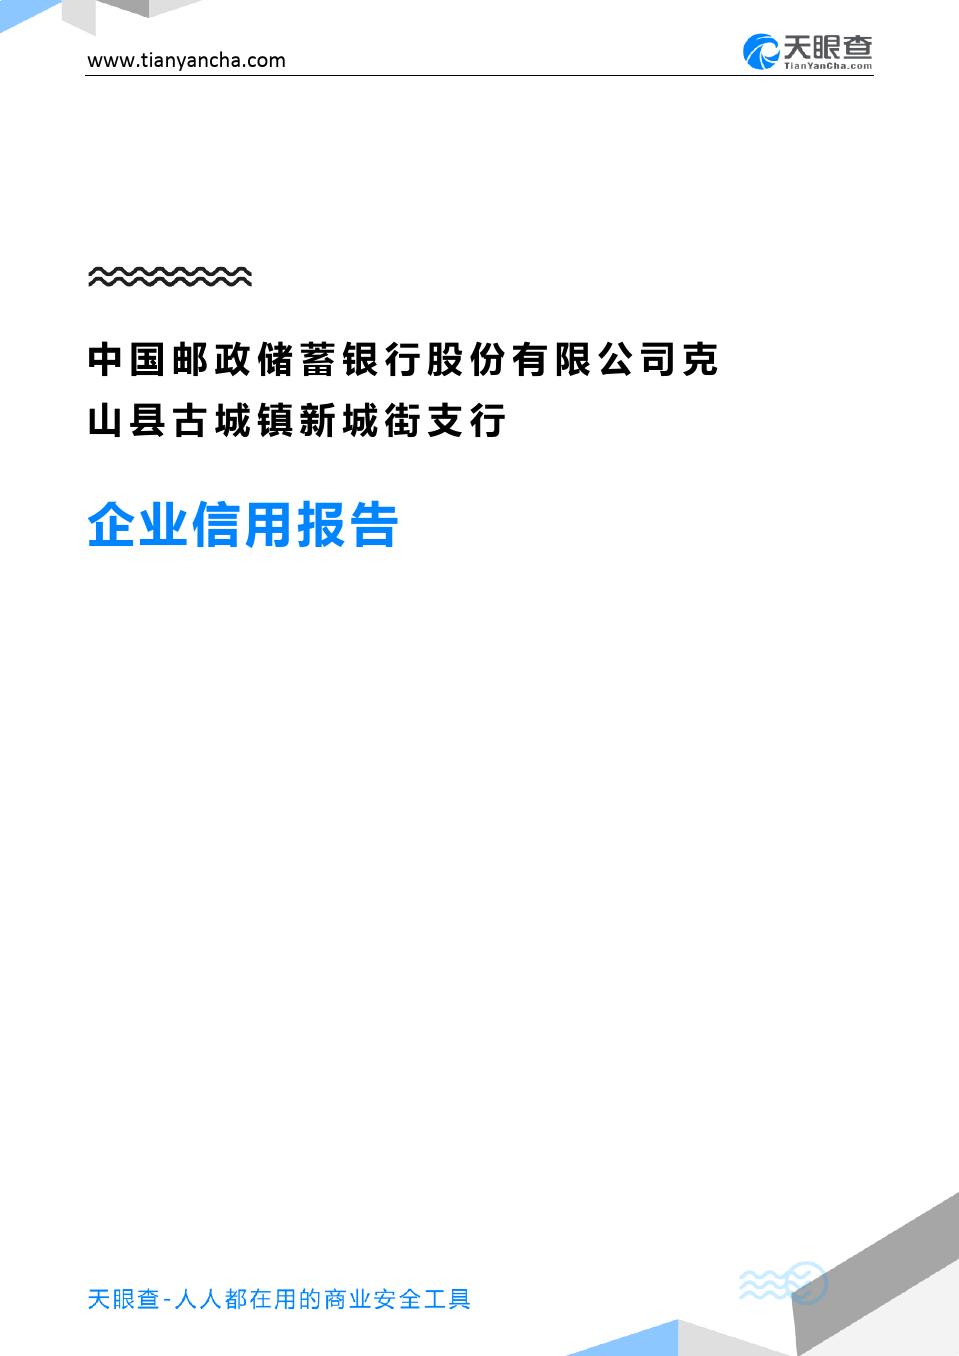 中国邮政储蓄银行股份有限公司克山县古城镇新城街支行企业信用报告-天眼查